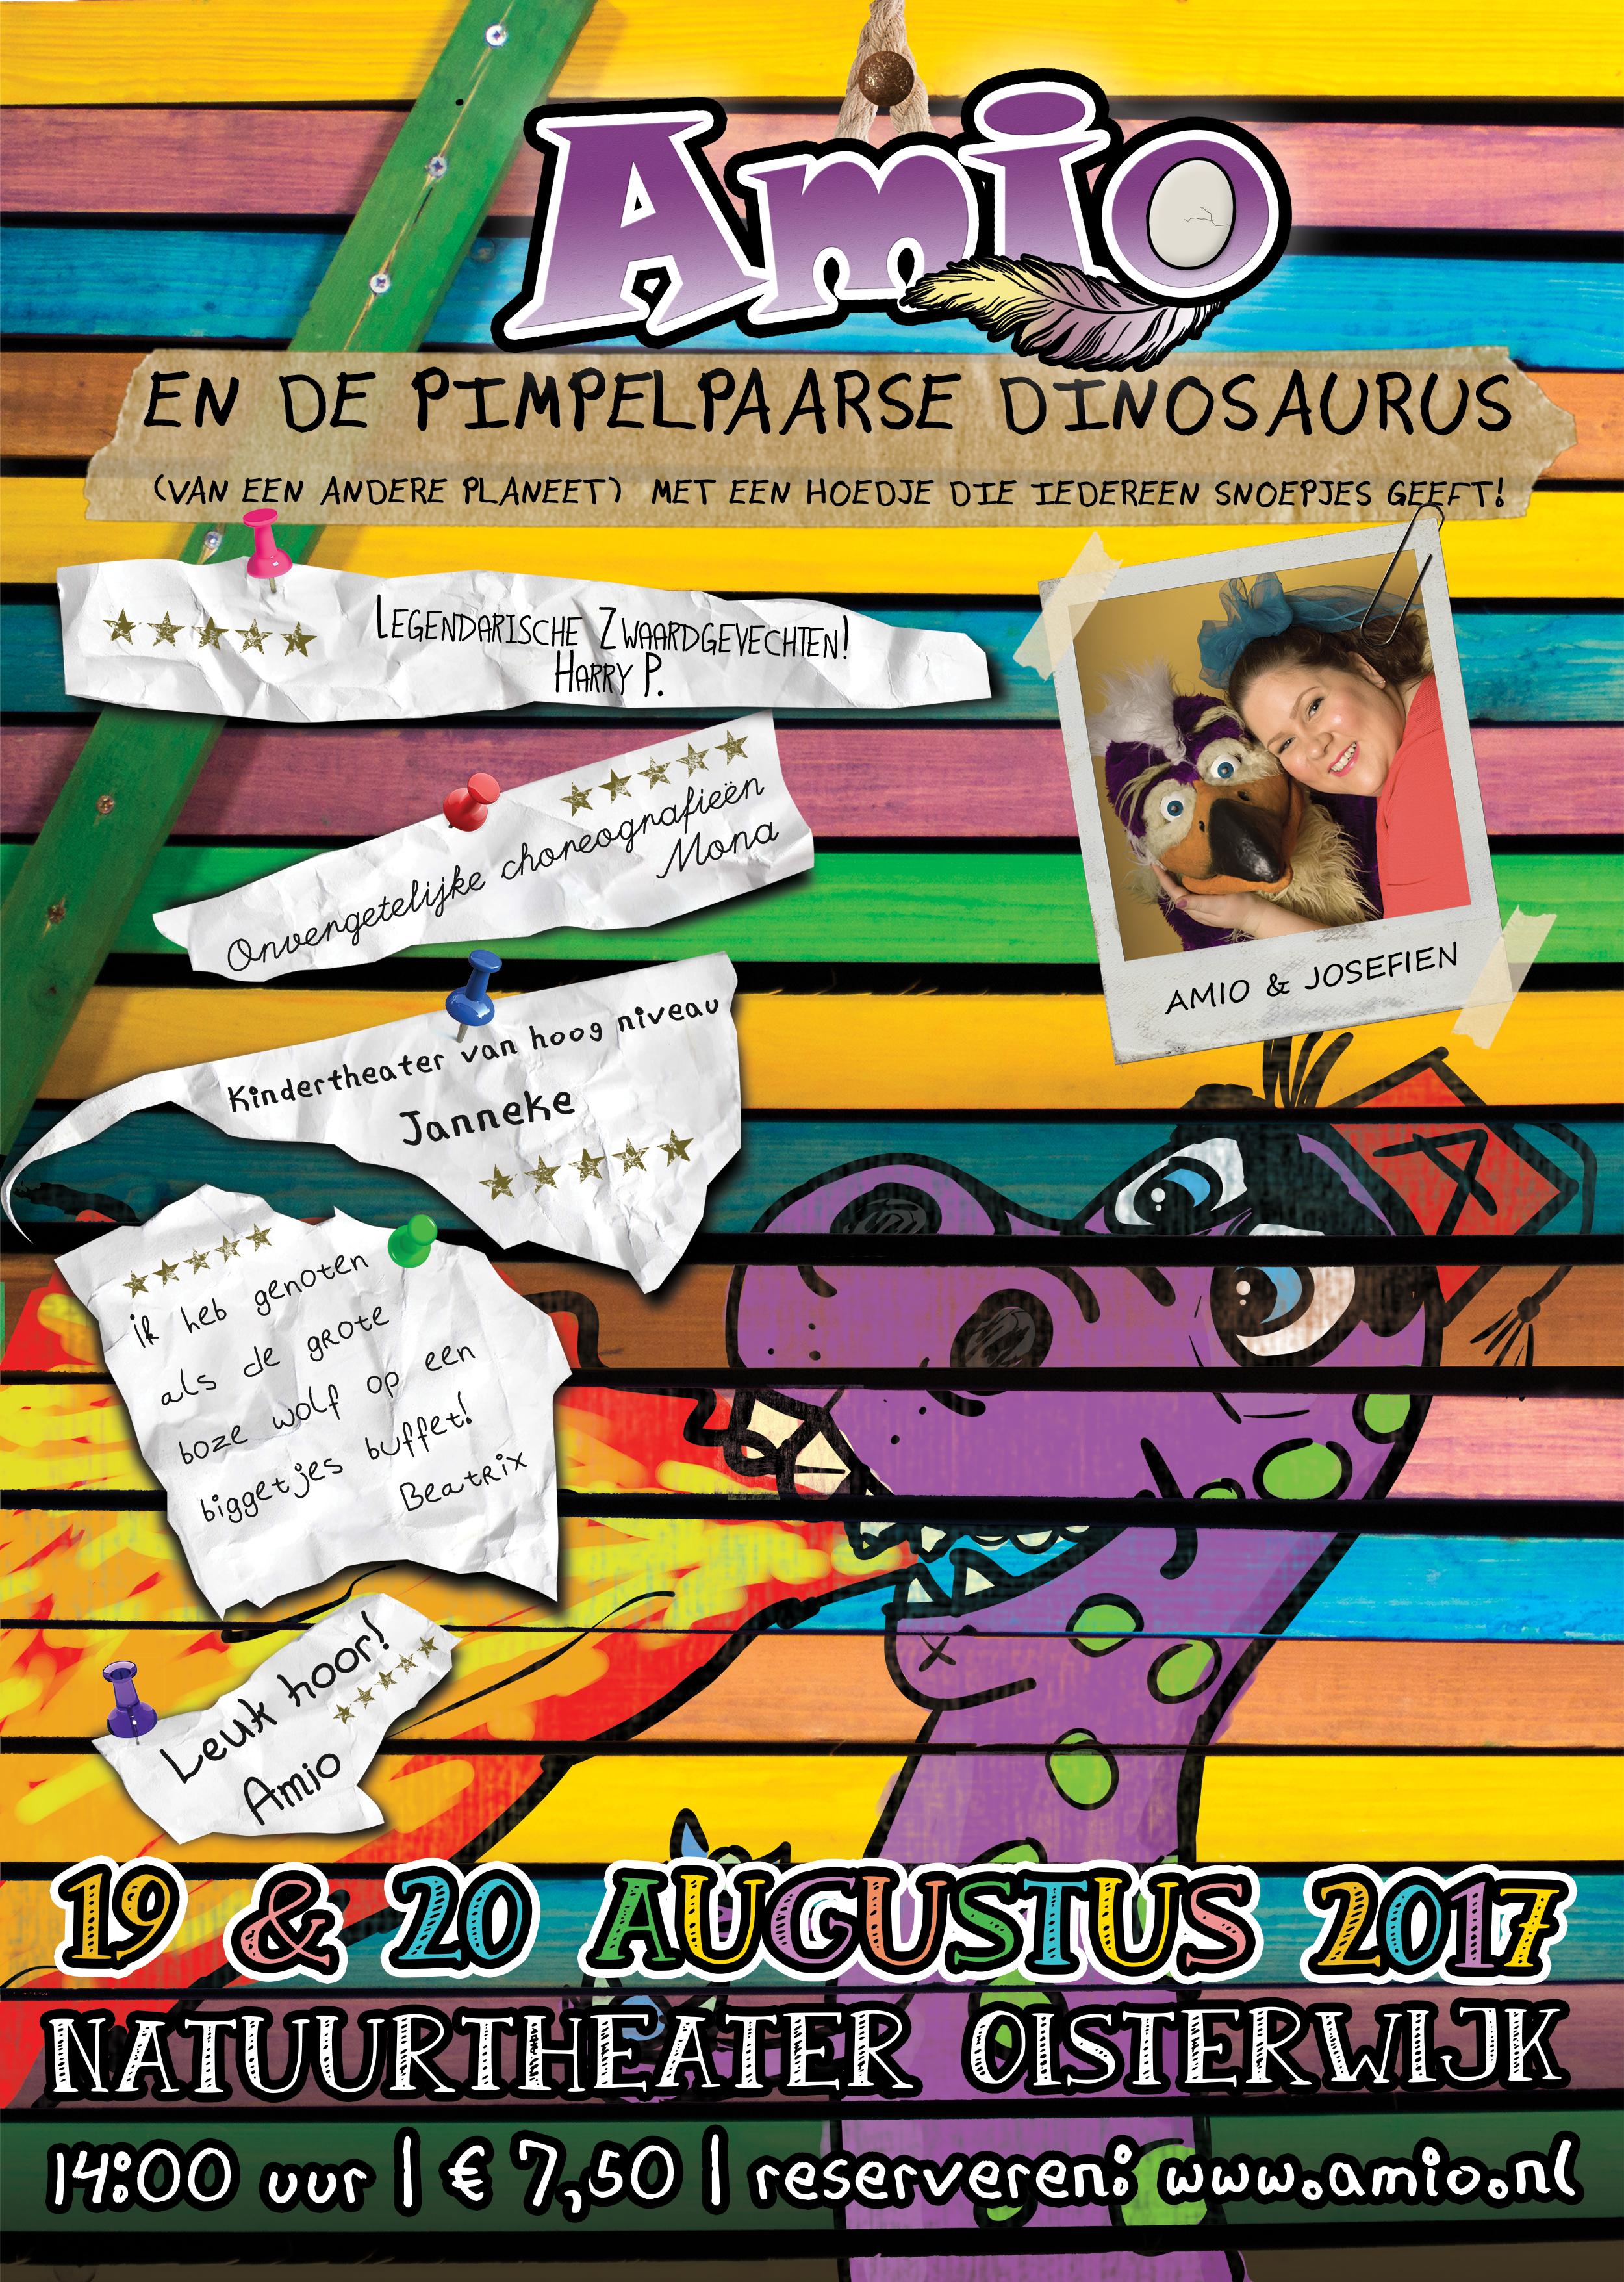 Amio en De Pimpelpaarse Dinosaurus (van een andere planeet) met een hoedje die iedereen snoepjes geeft!